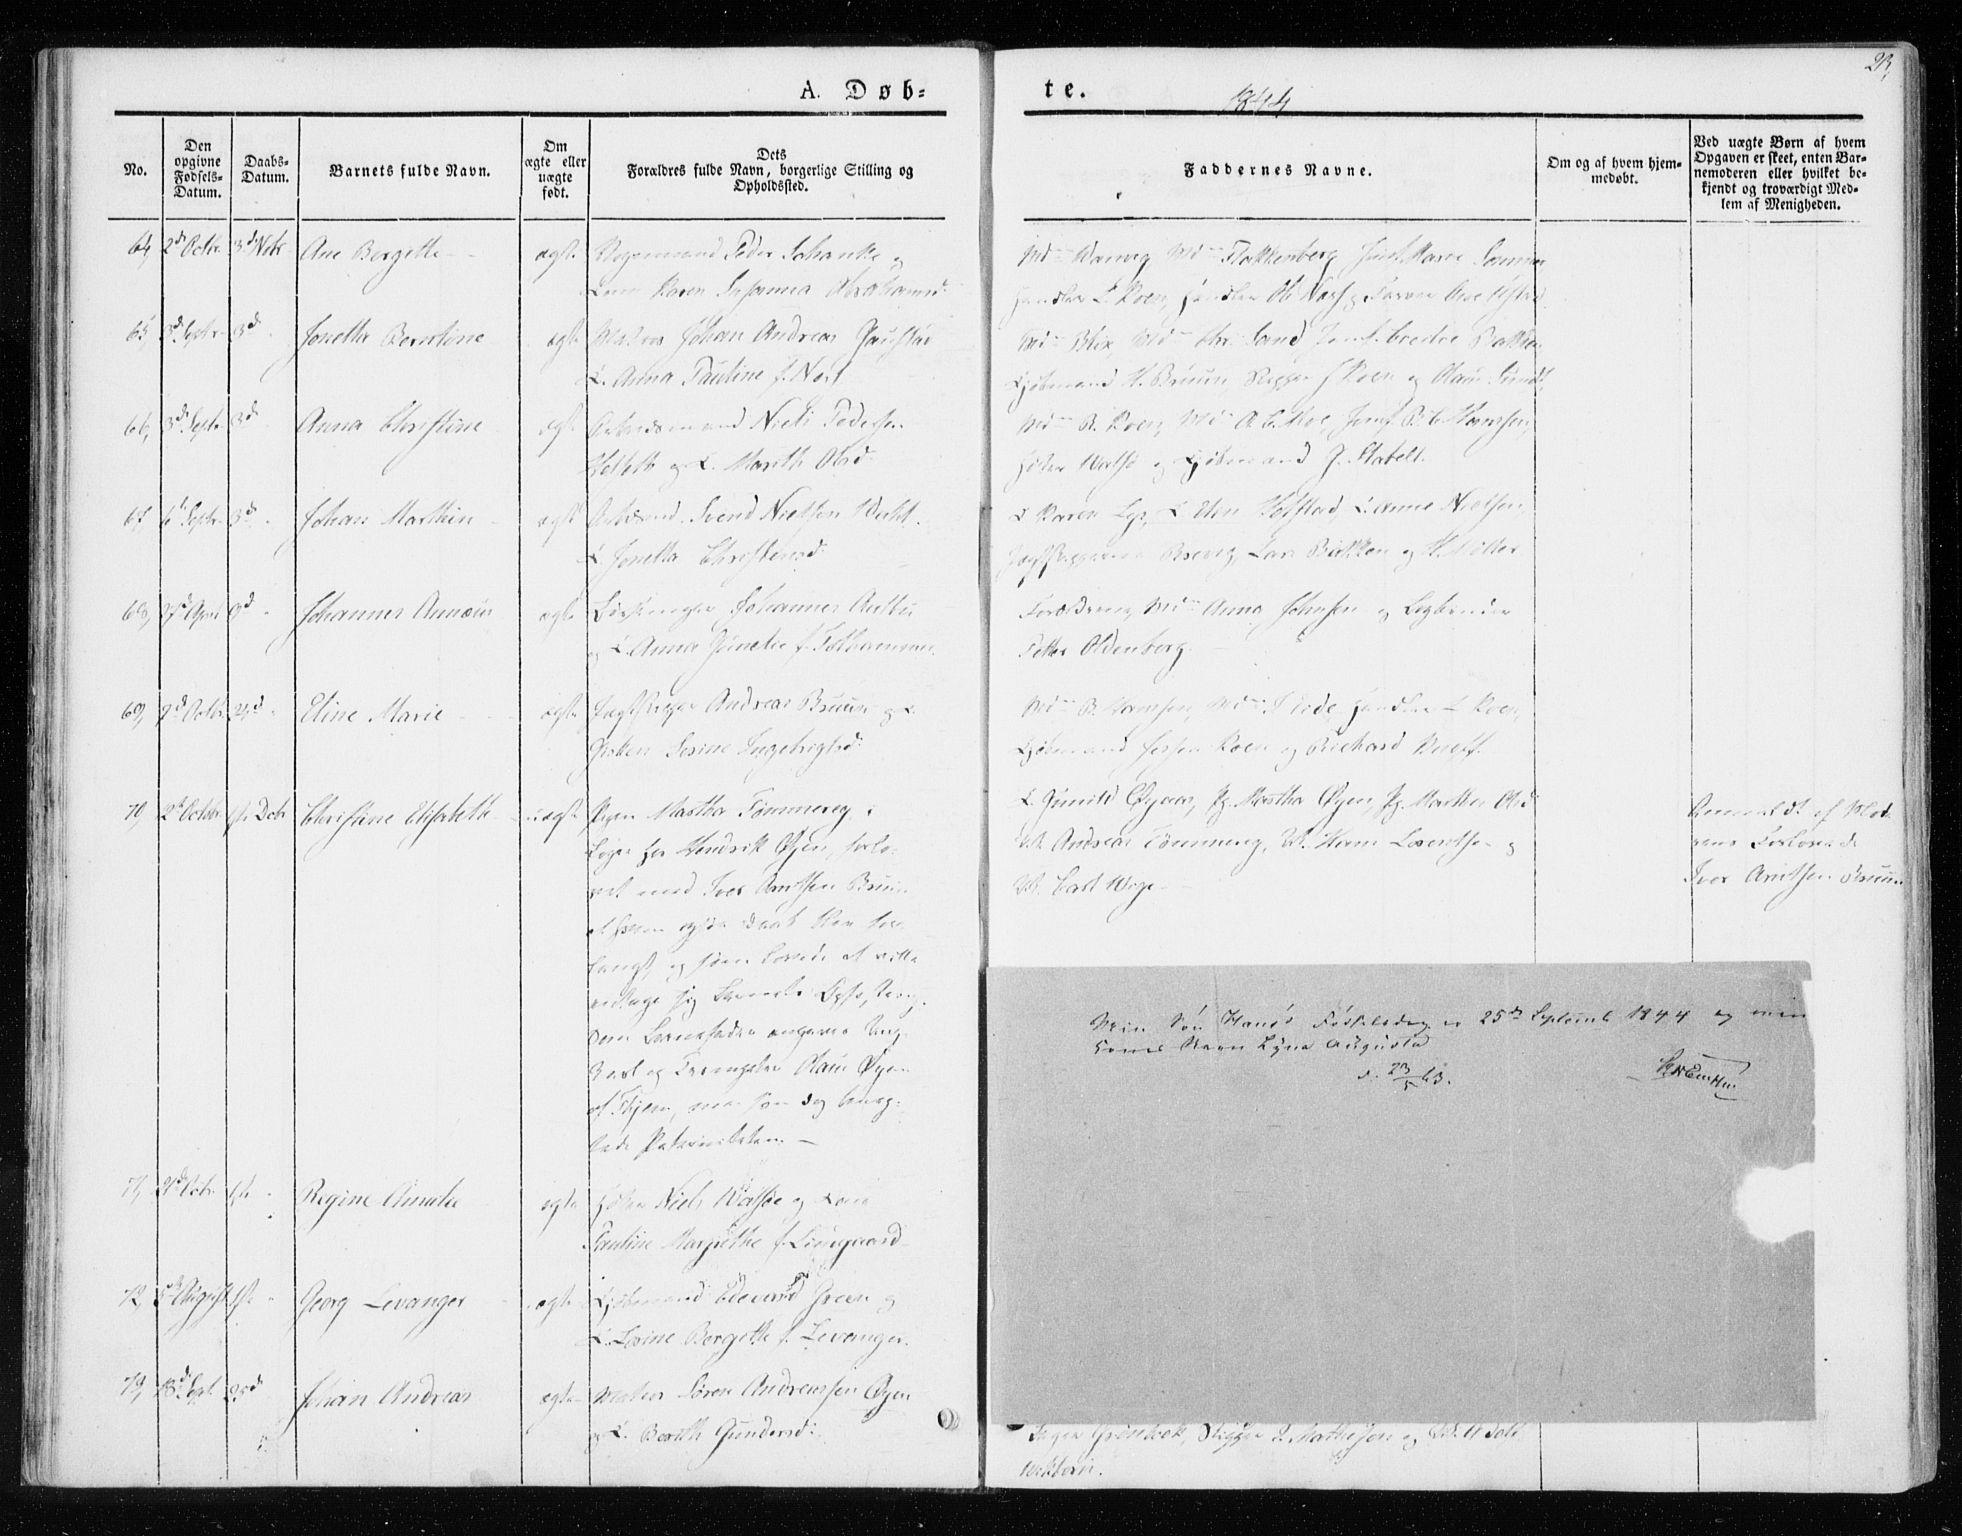 SAT, Ministerialprotokoller, klokkerbøker og fødselsregistre - Sør-Trøndelag, 604/L0183: Ministerialbok nr. 604A04, 1841-1850, s. 23